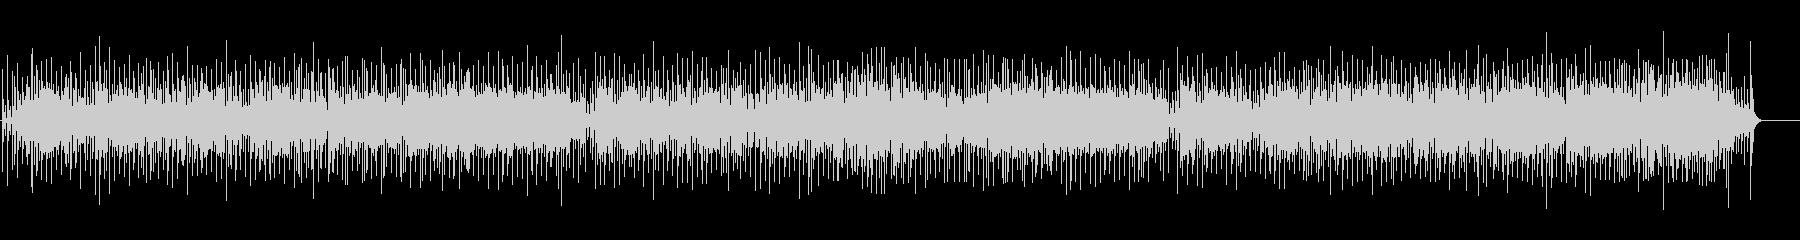 三味線が奏でる和風ポップスの未再生の波形